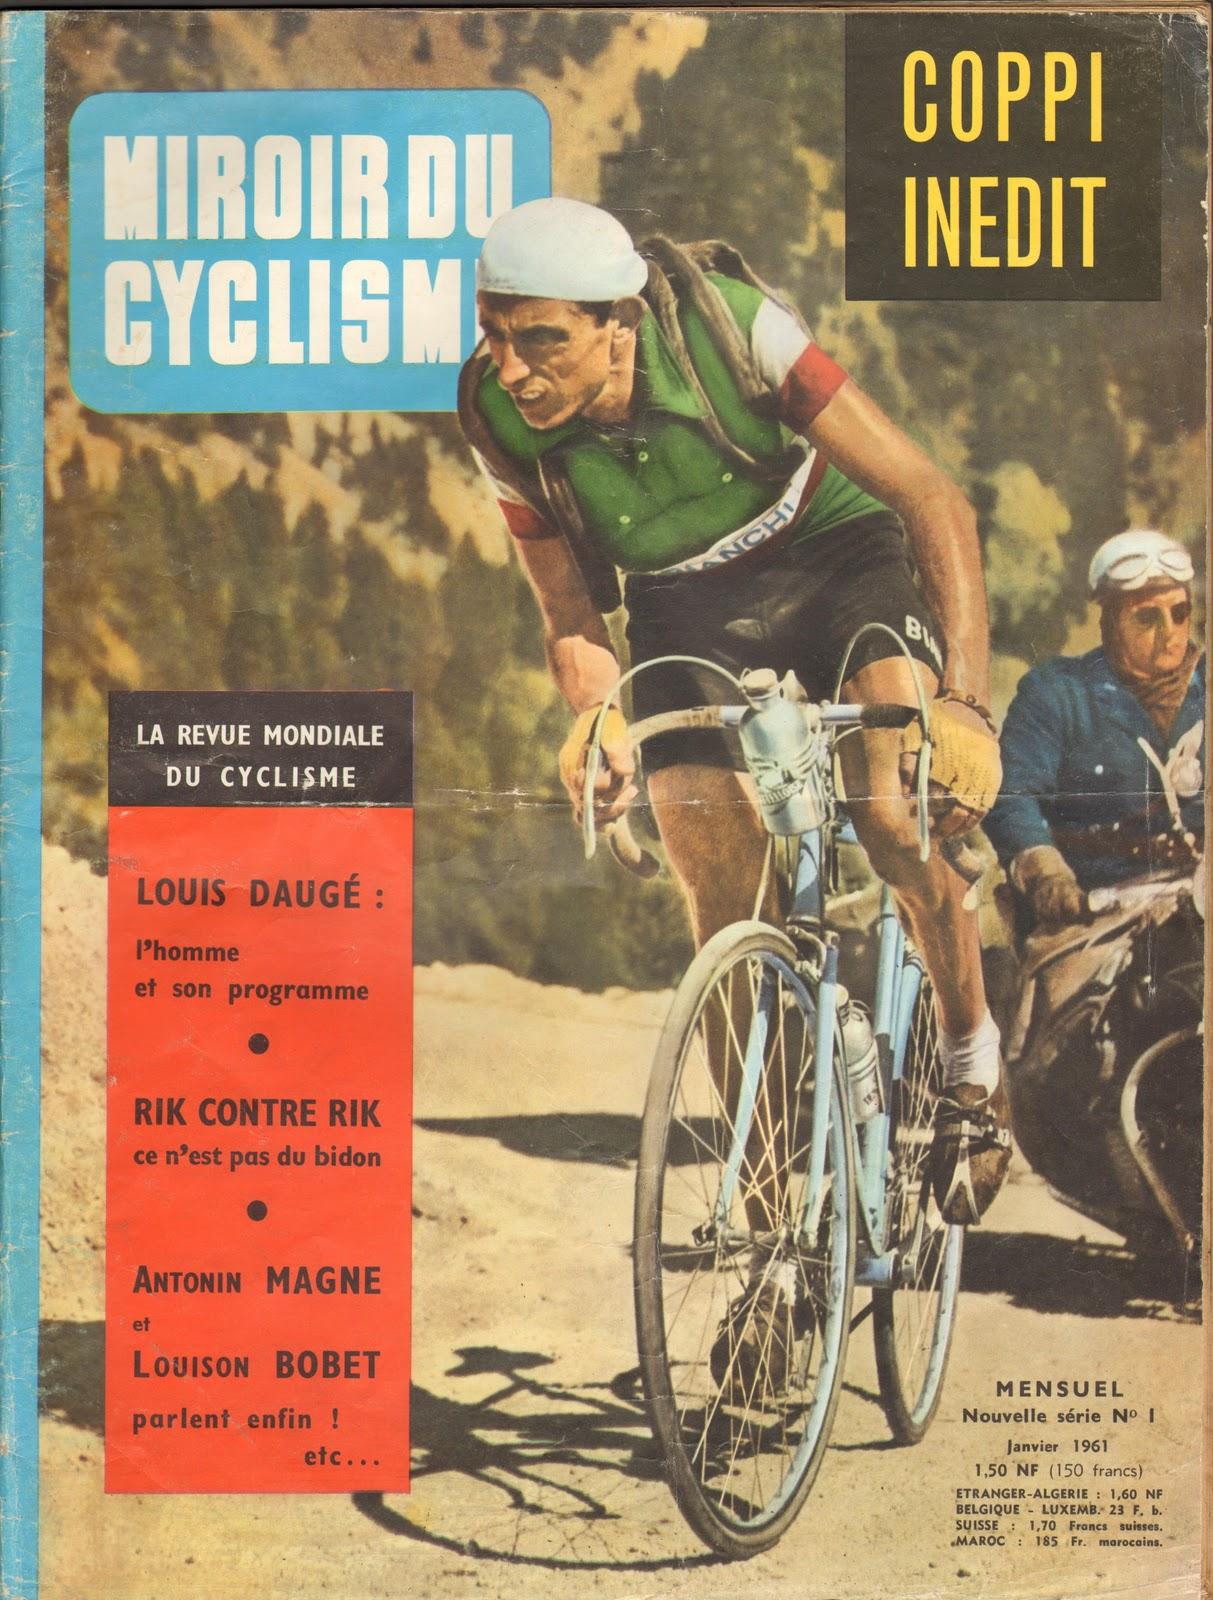 Mon tour de france 1959 la suite poulidor la une de for Le miroir du cyclisme